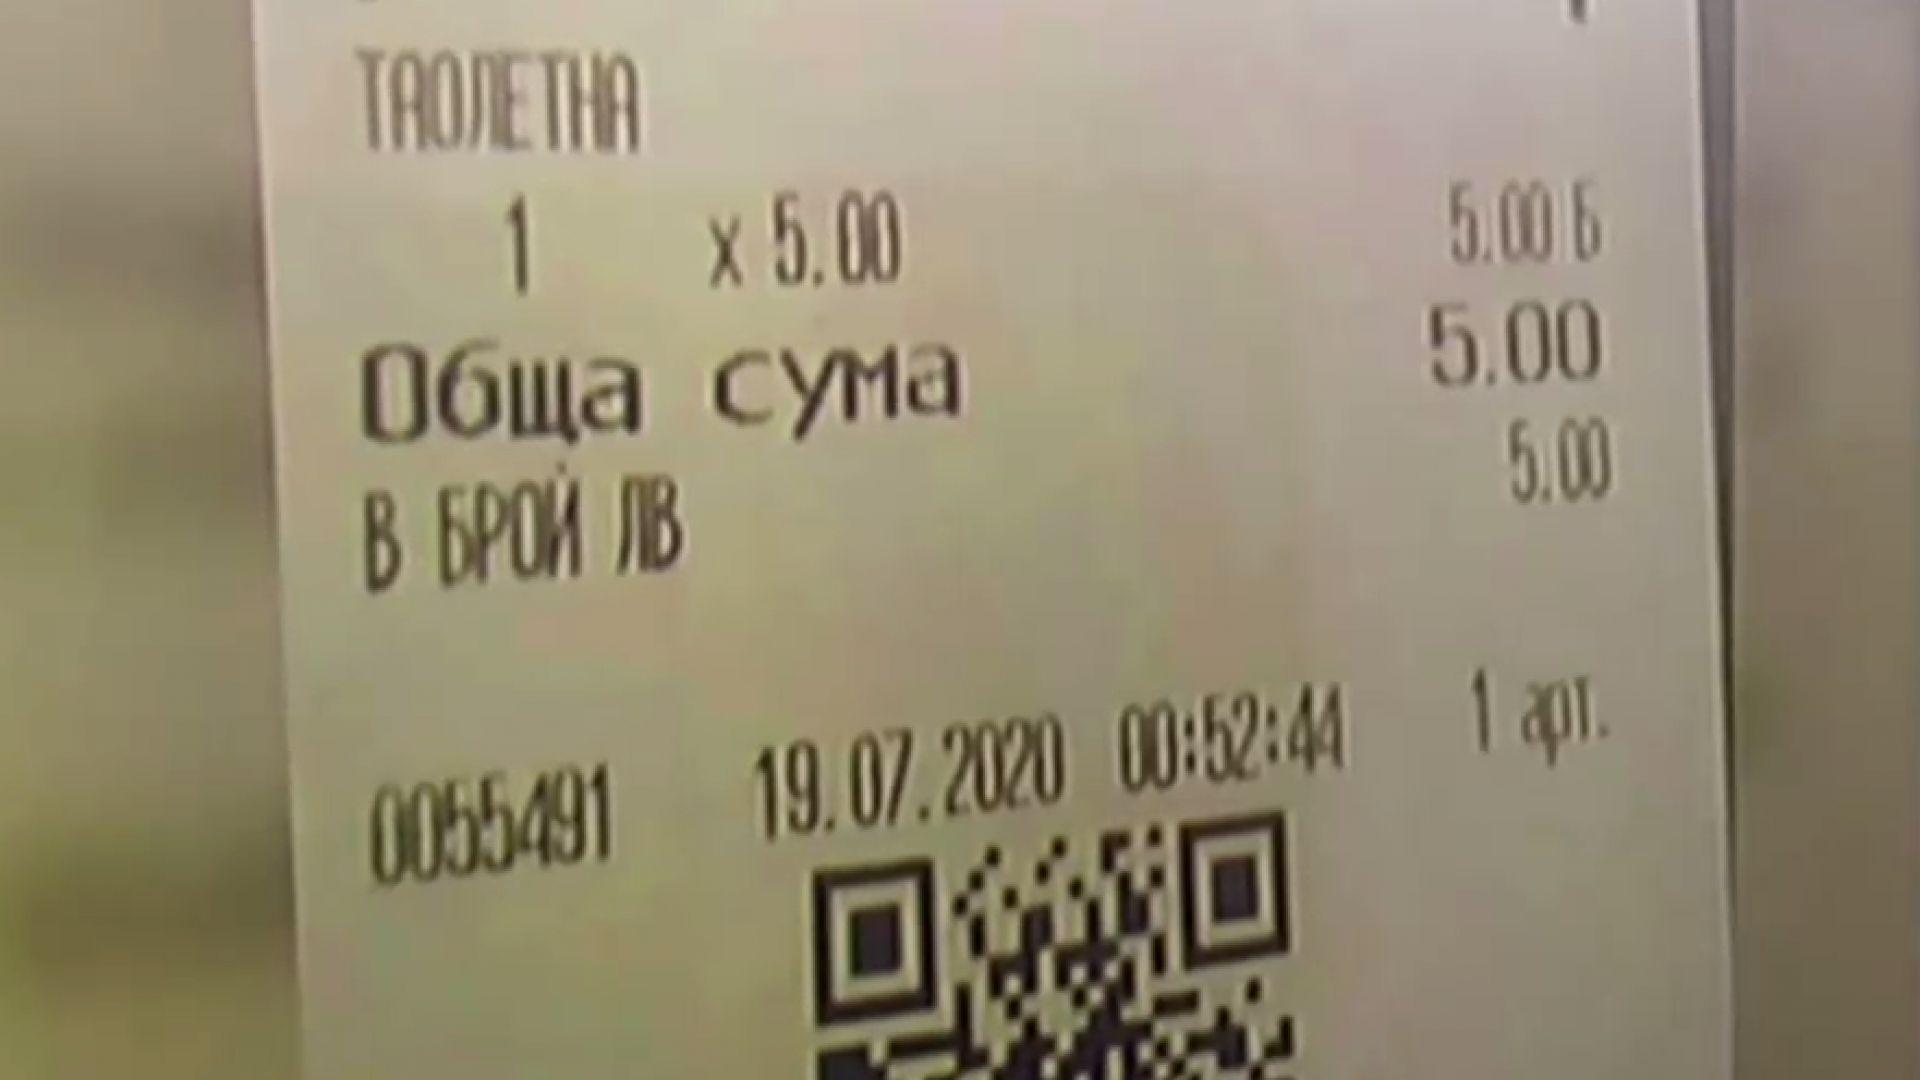 5 лева такса за WC в заведение в Пловдив